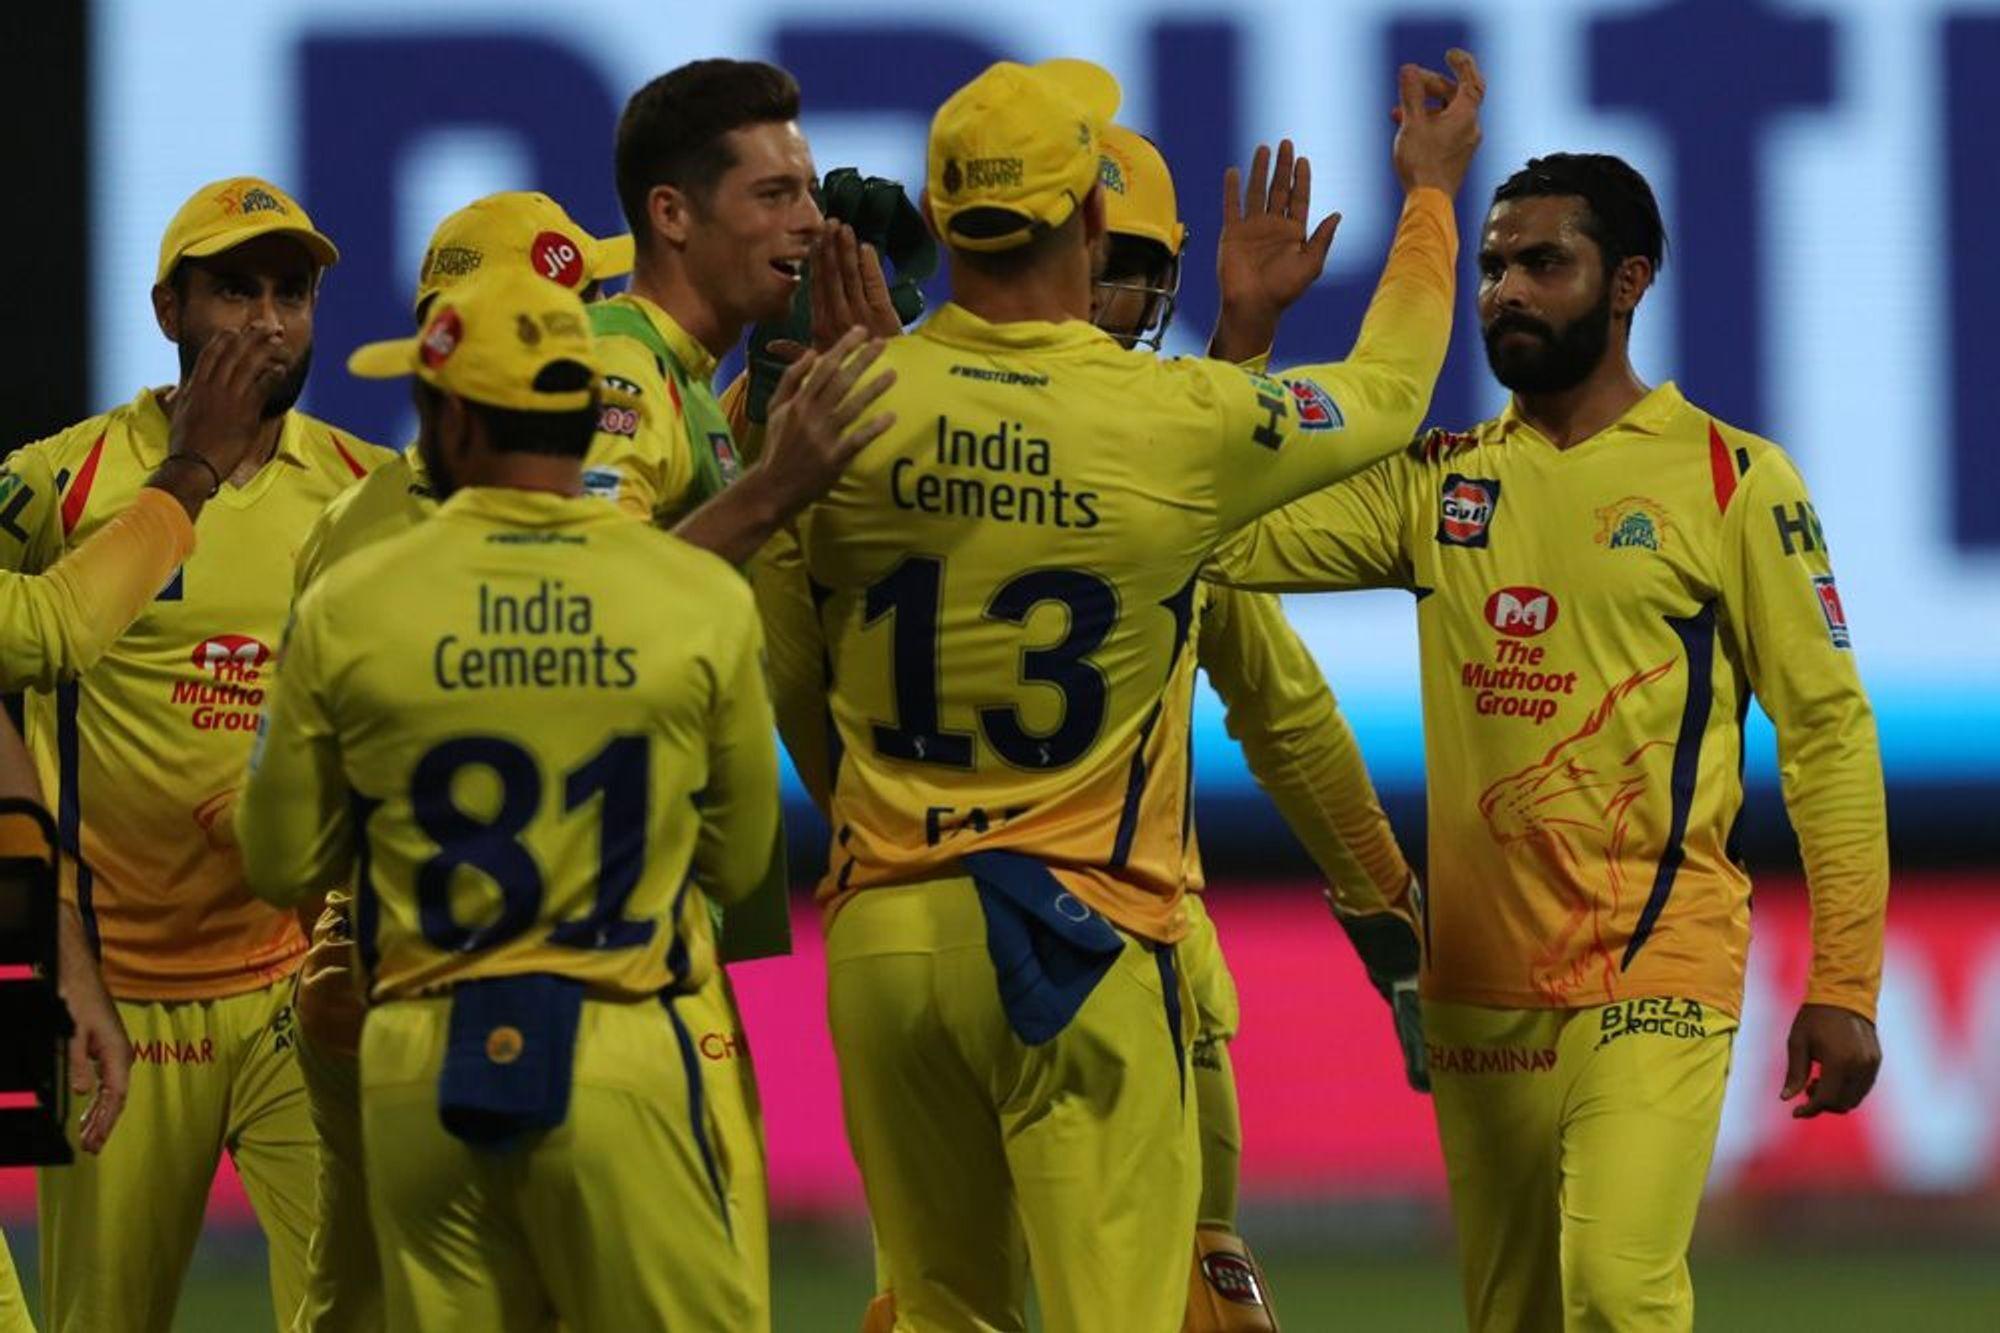 आईपीएल 2019: मैच खेले बिना लाखों कमा रहा चेन्नई सुपर किंग्स का यह युवा खिलाड़ी